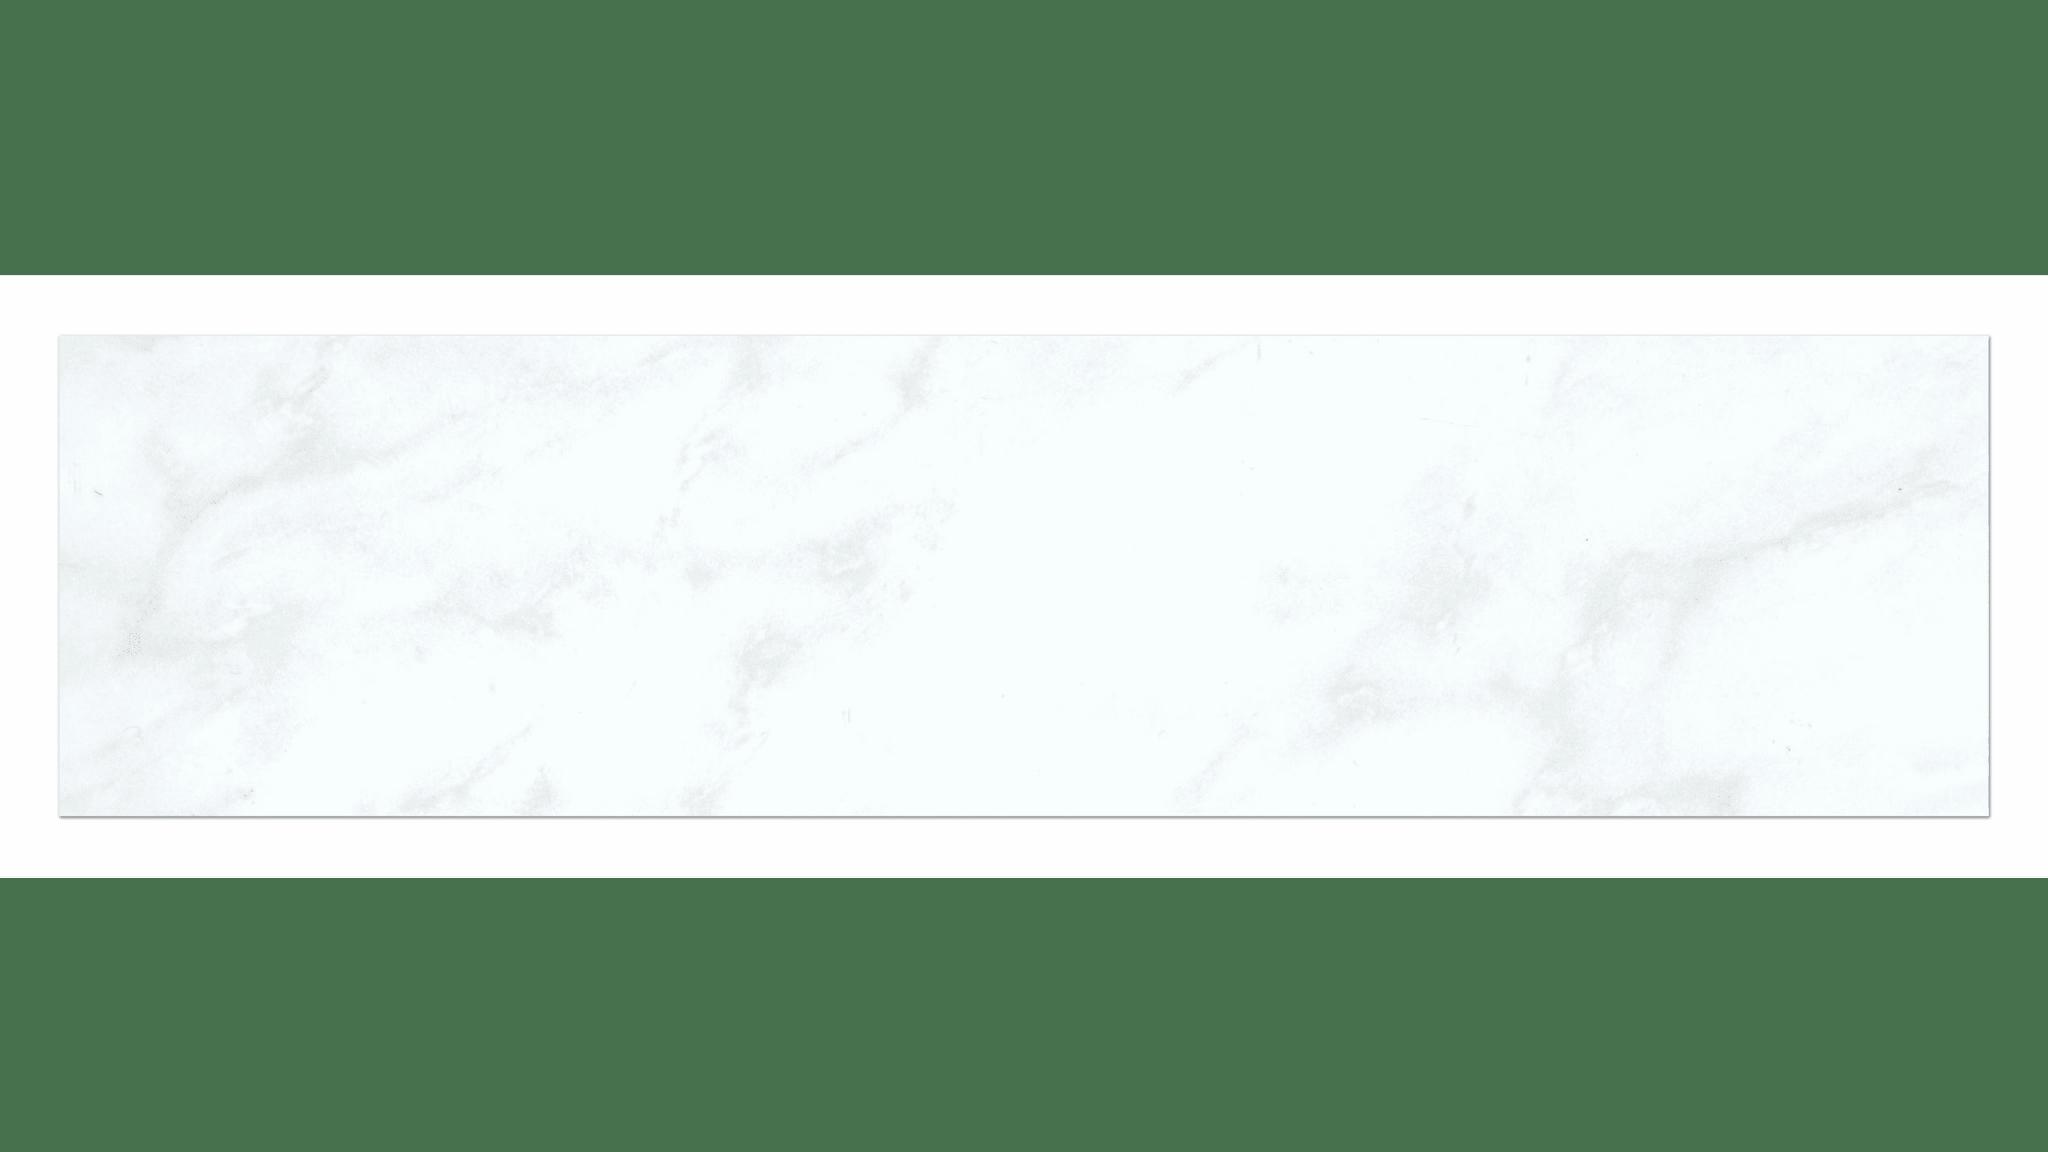 Carrara Gris Ceramic Subway Tile X In Luxury Bathroom Products - 8 x 16 white ceramic tile